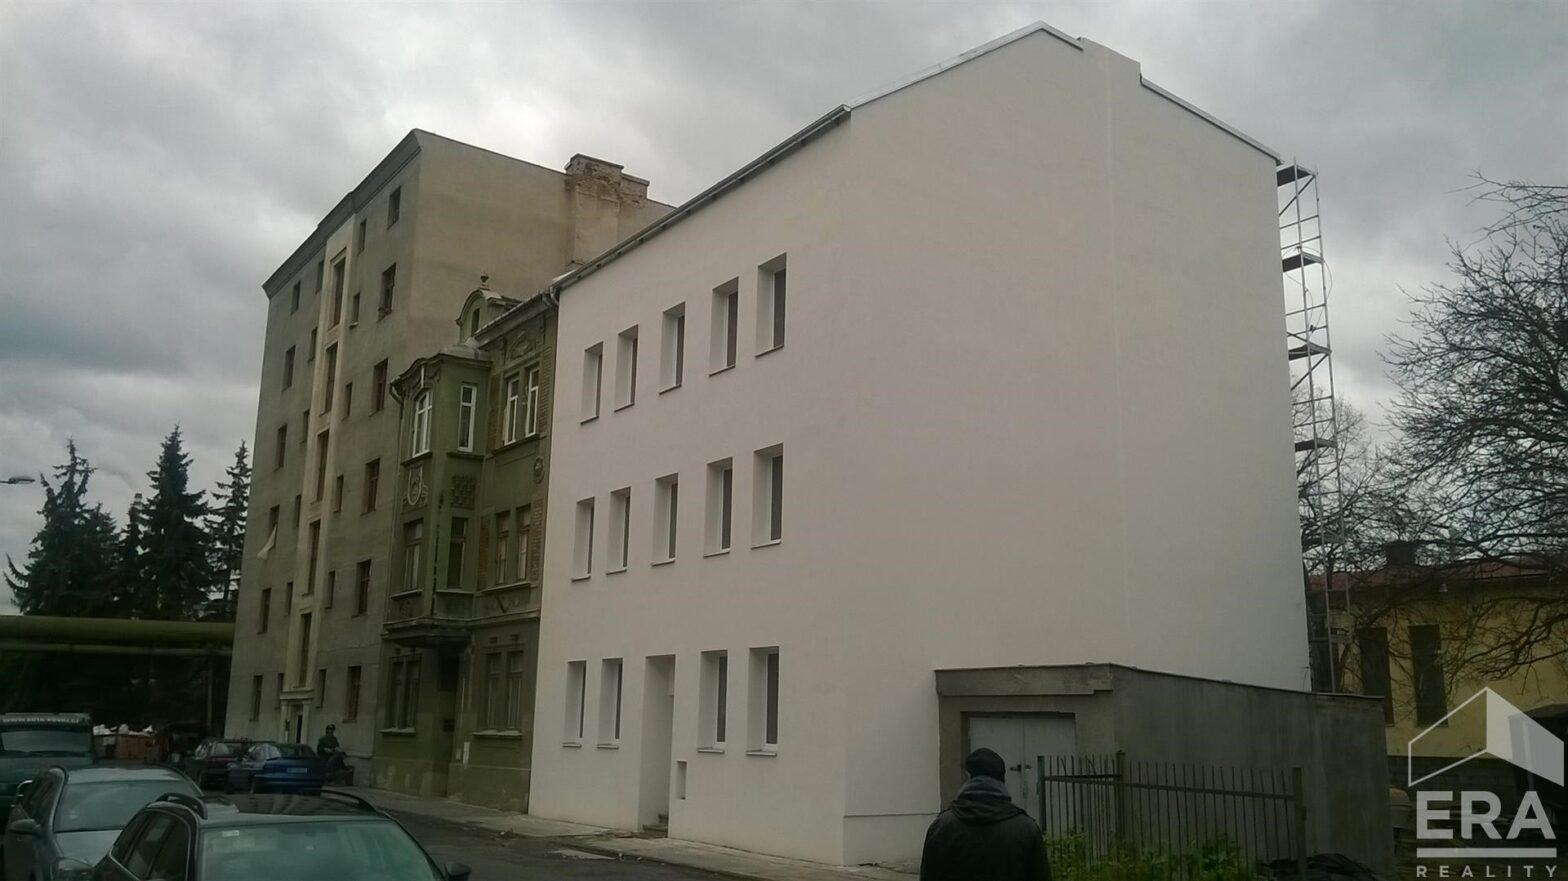 Pronájem nízko-nákladového bytu o dispozici 1+kk a podlahové výměře 21,6 m2